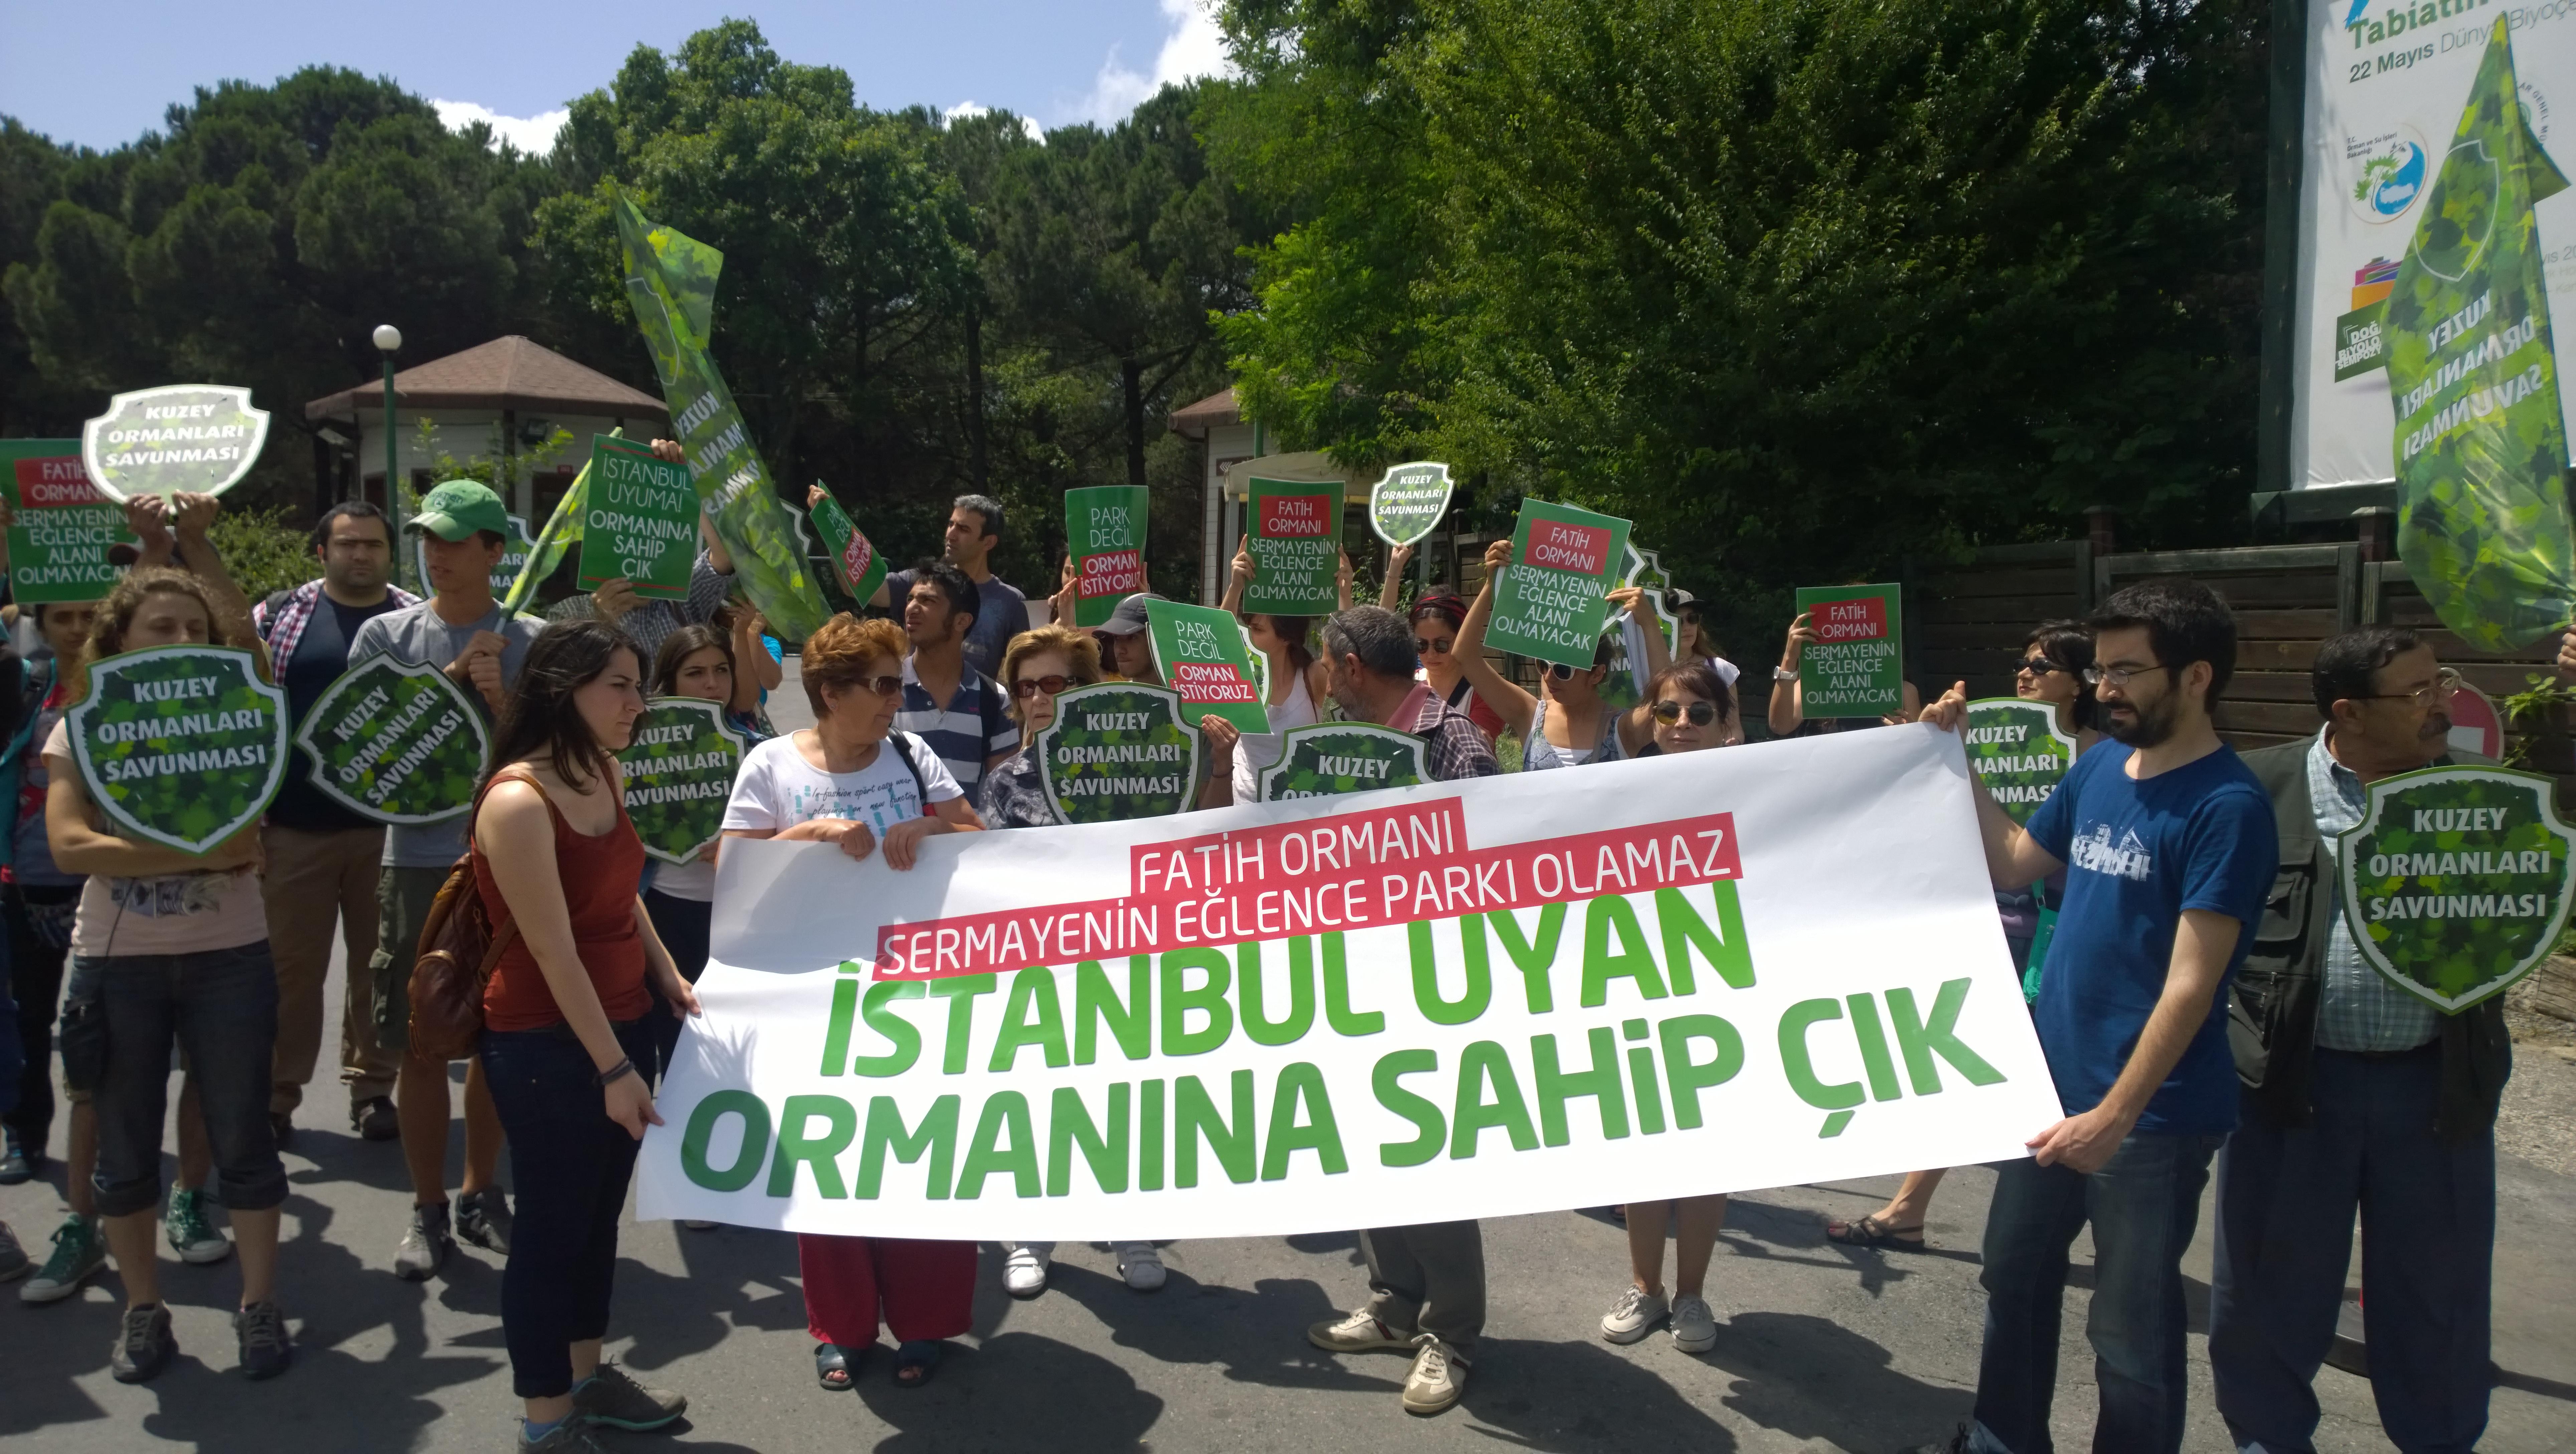 28 Haziran Cumartesi Fatih Ormanı eylemimiz ardından…